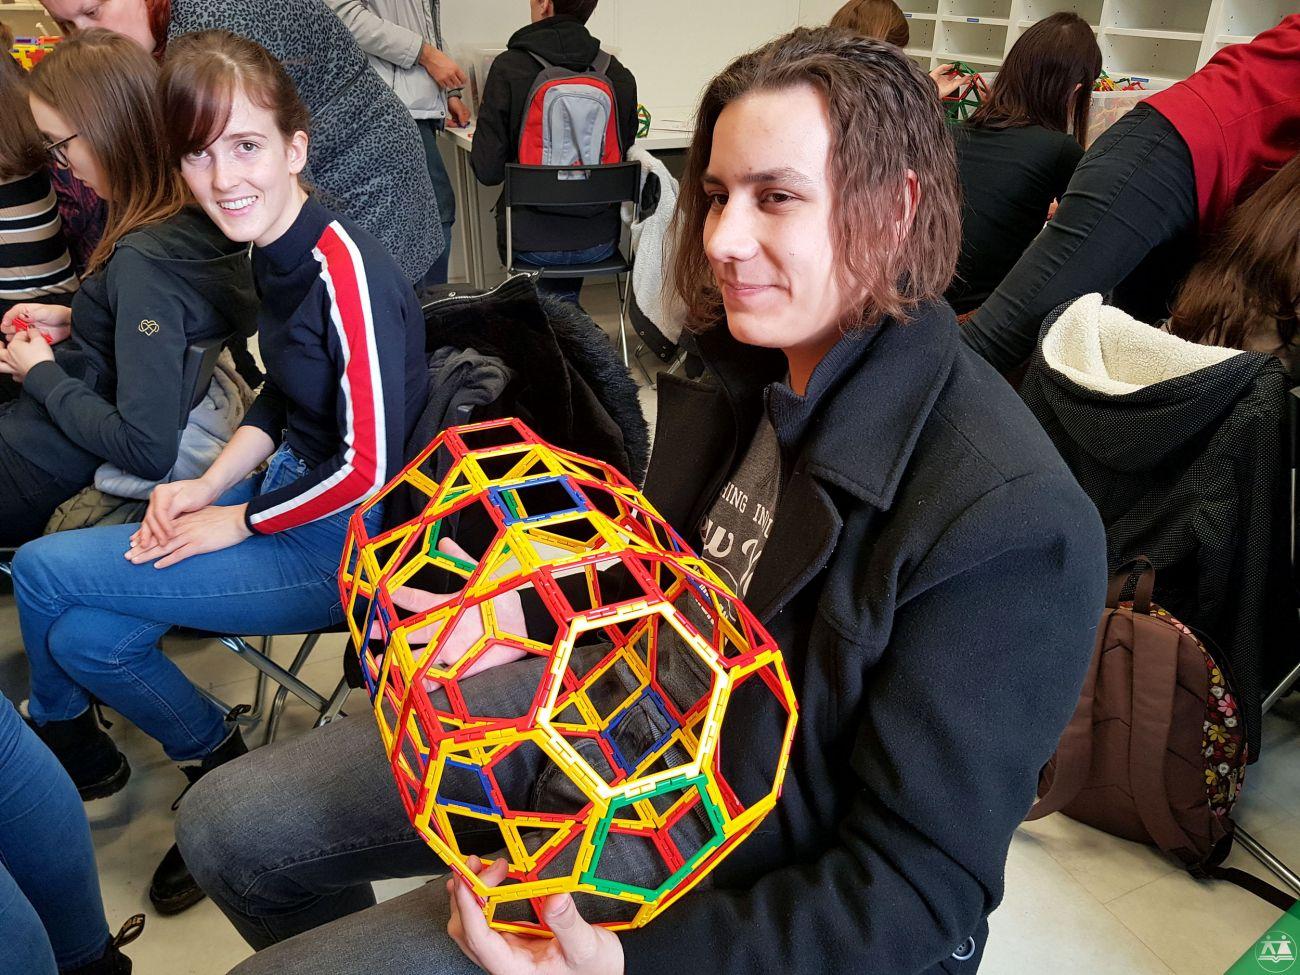 Hisa-poliedrov-drzavni-zbor-hisa-iluzij-018